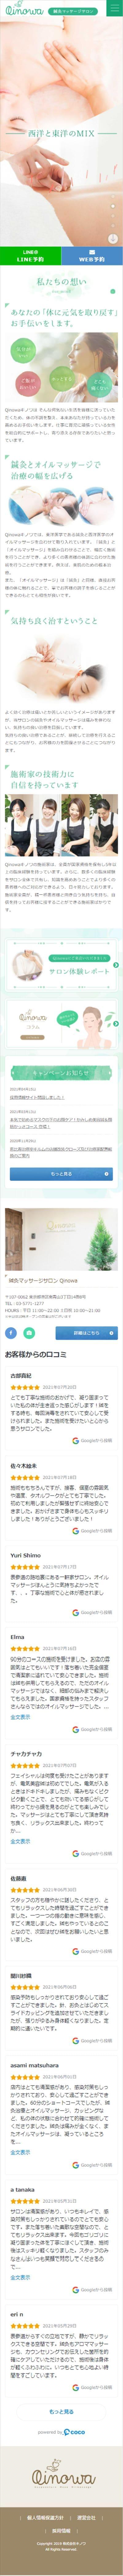 Qinowa